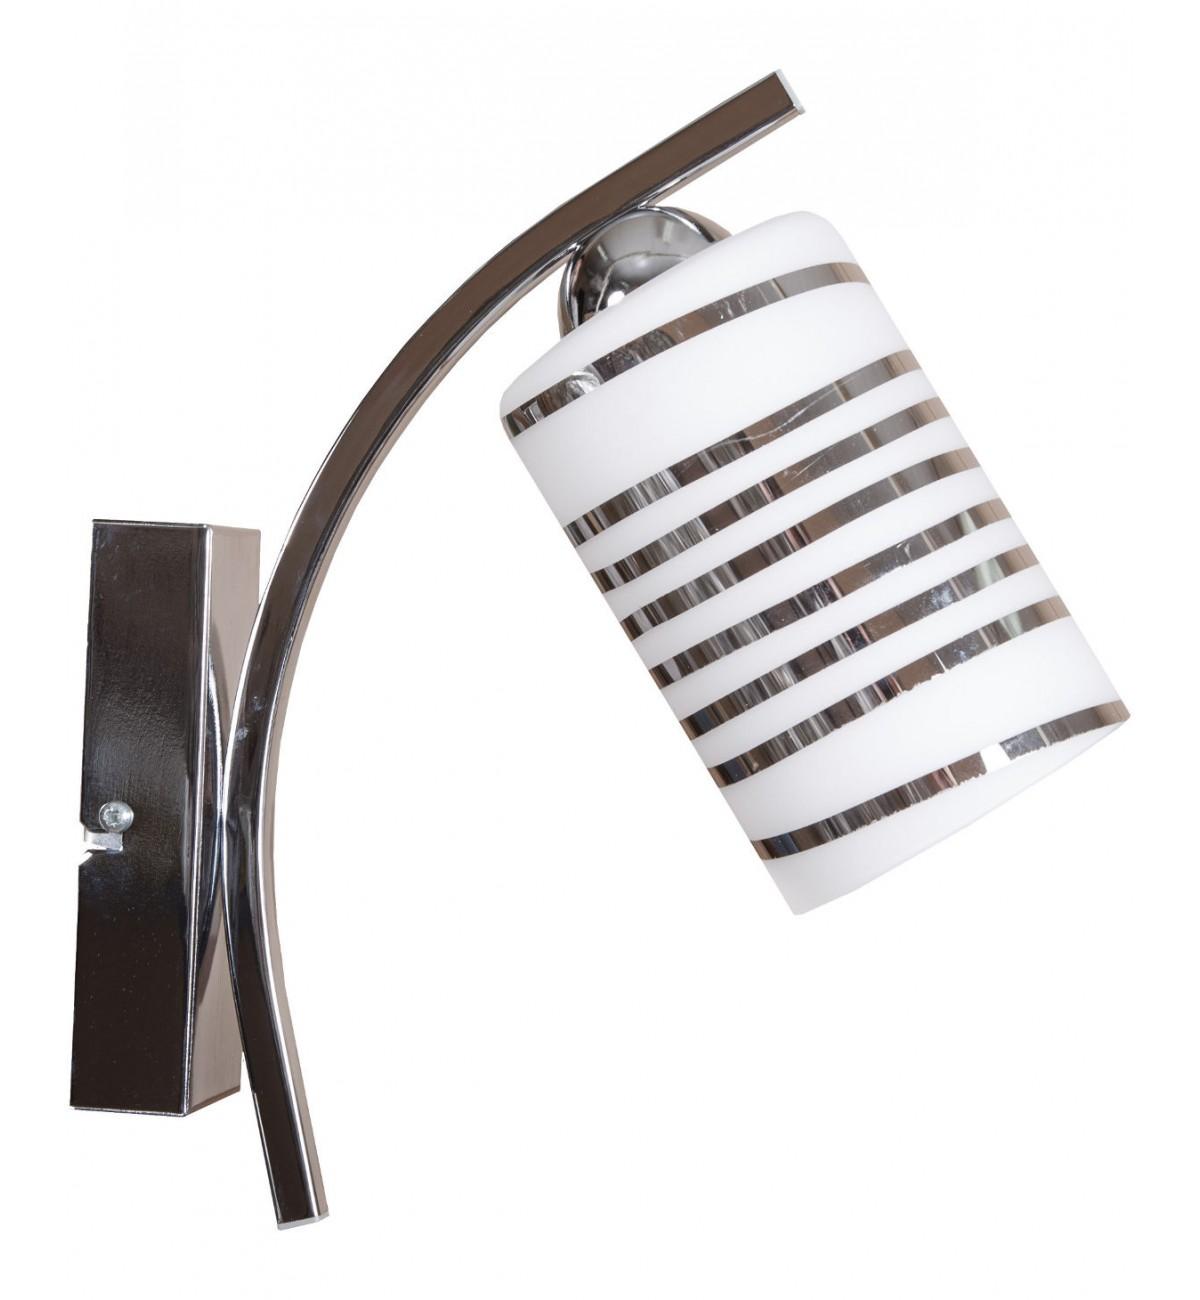 kinkiet z serii 05 chrom 1 plomienna elegancka stylowa Kinkiety do jadalni